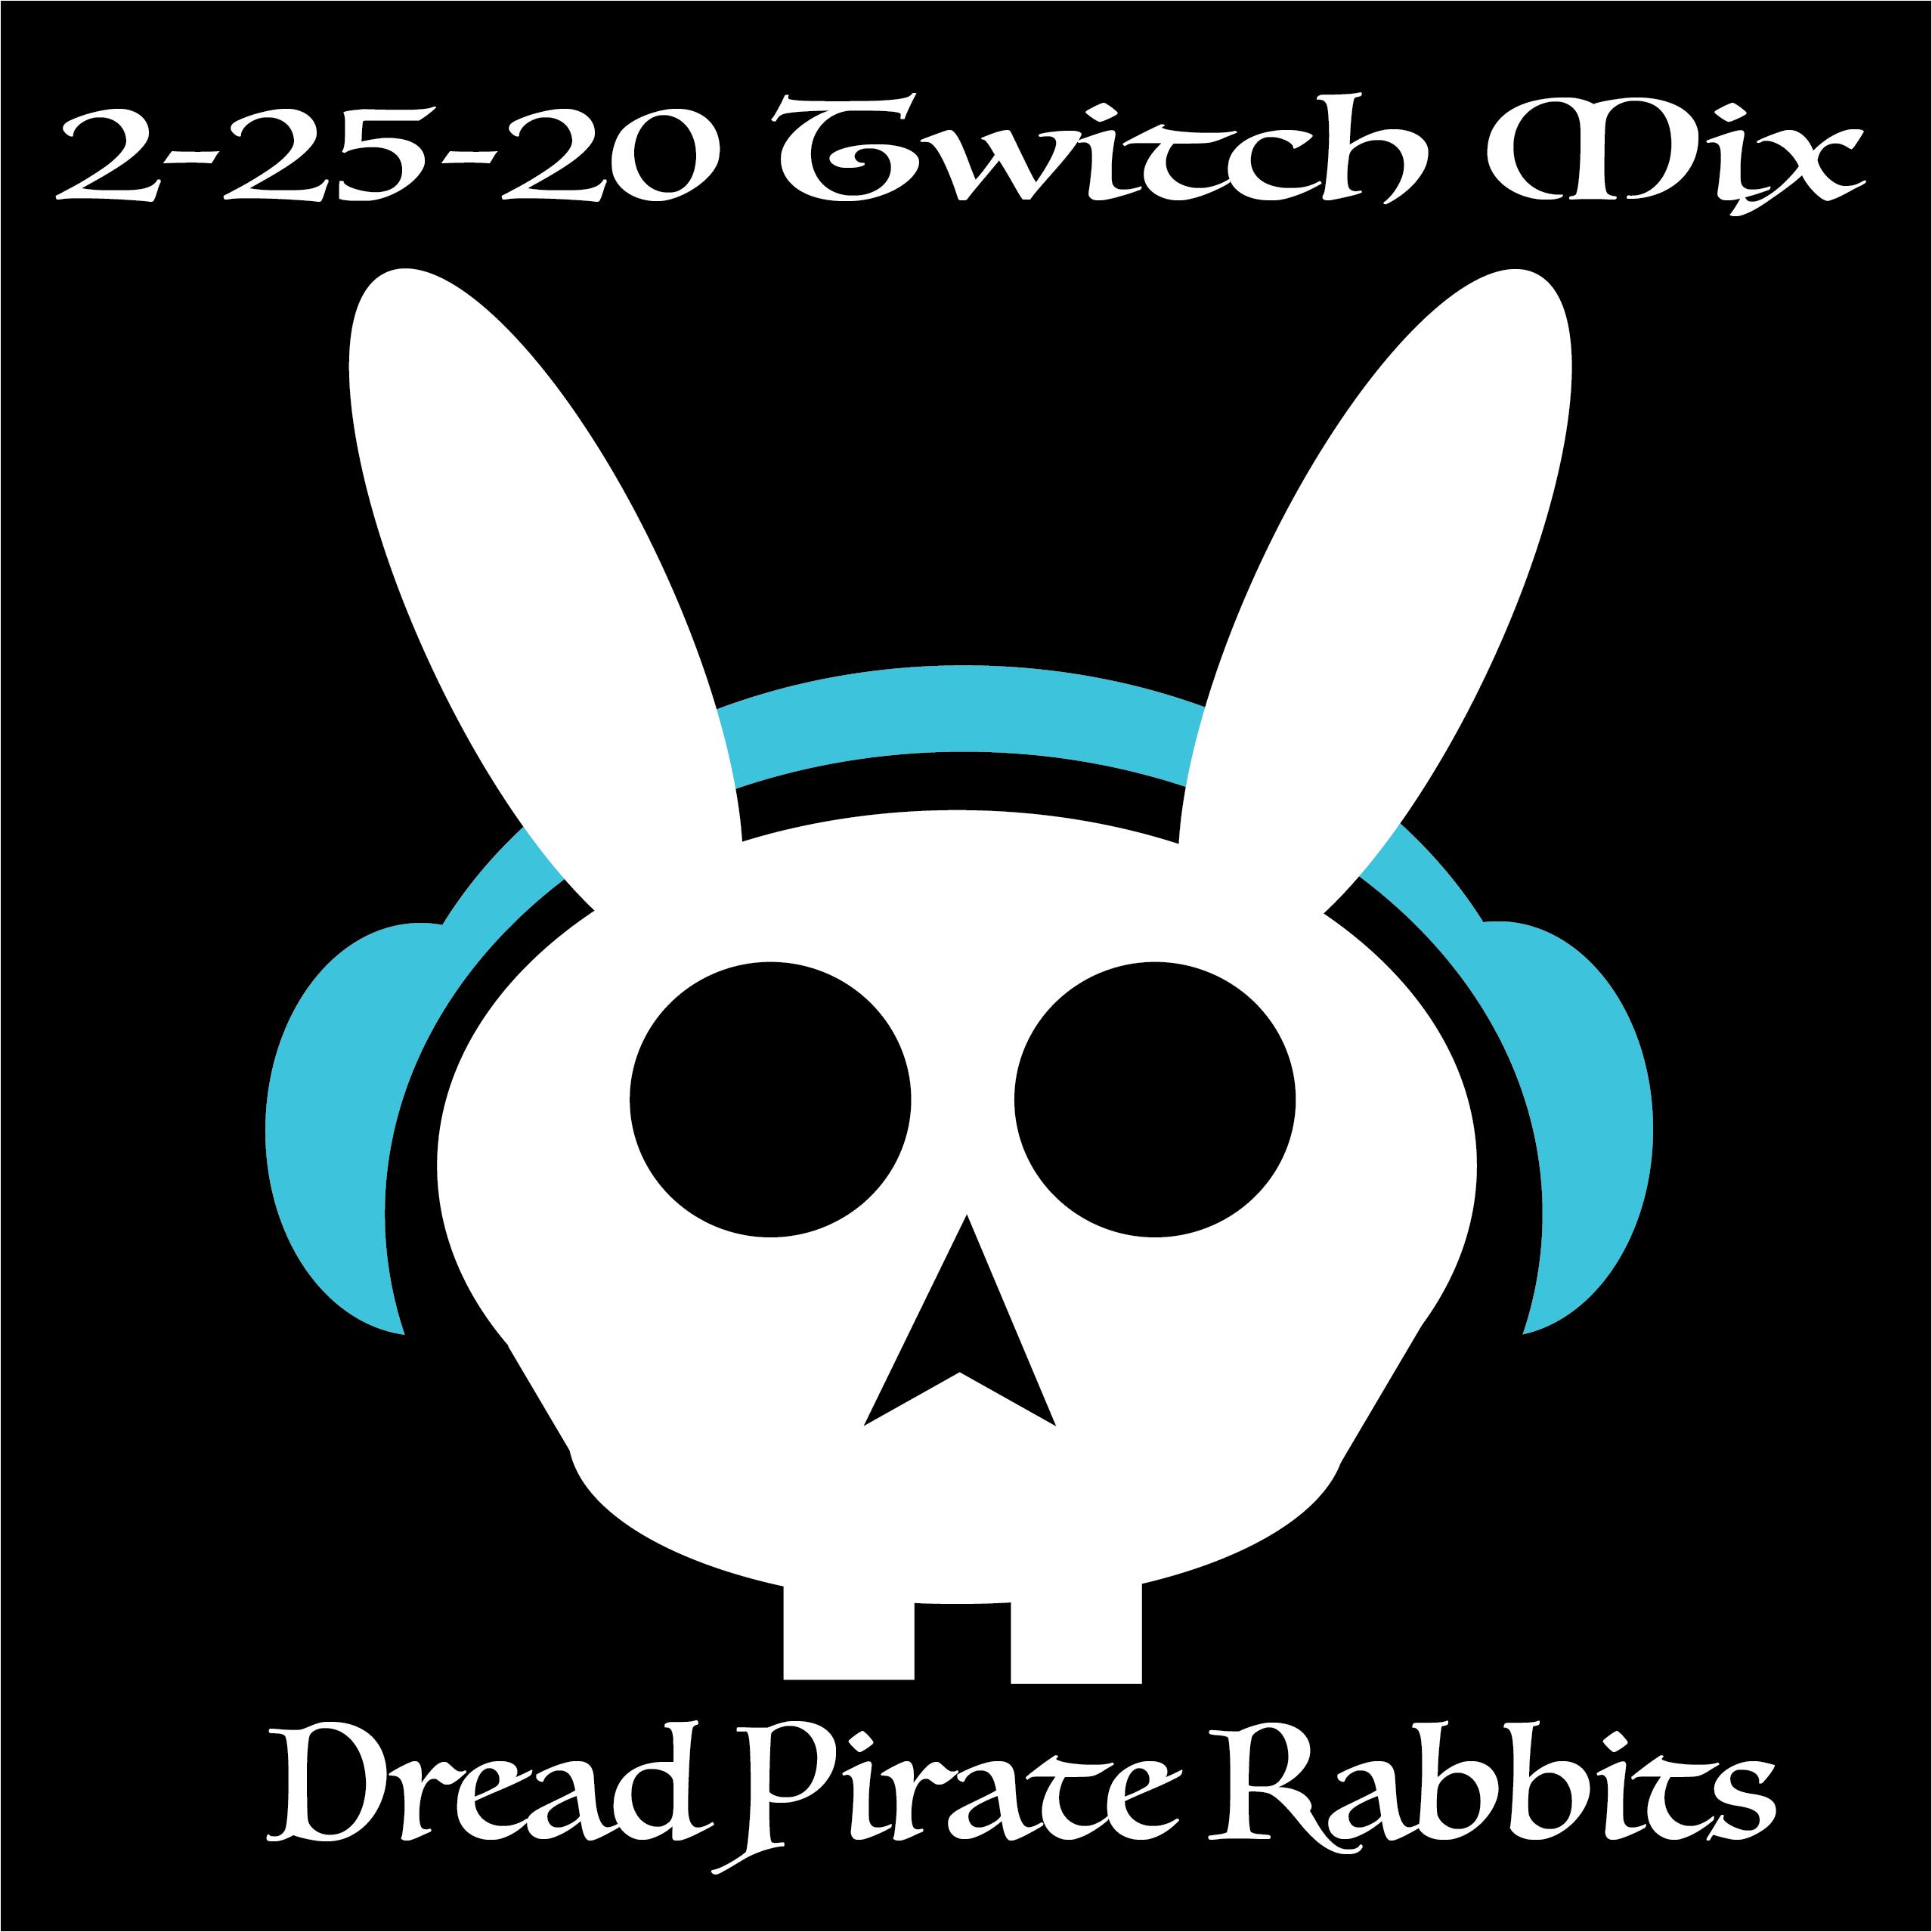 Twitch Stream 2-25-20